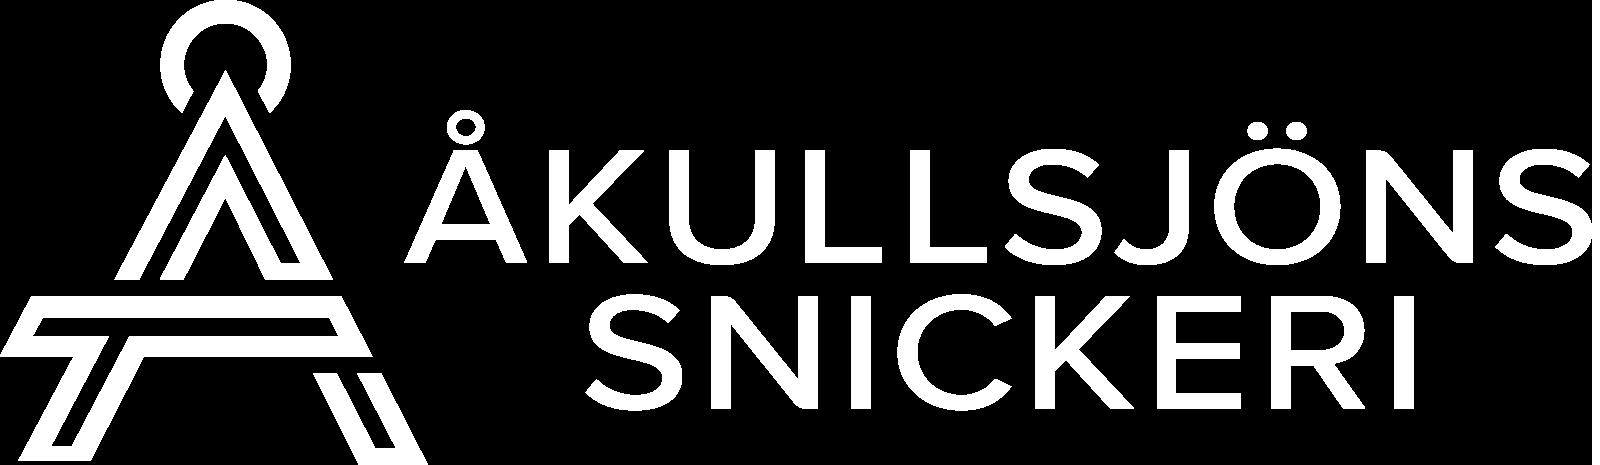 Åkullsjöns Snickeri